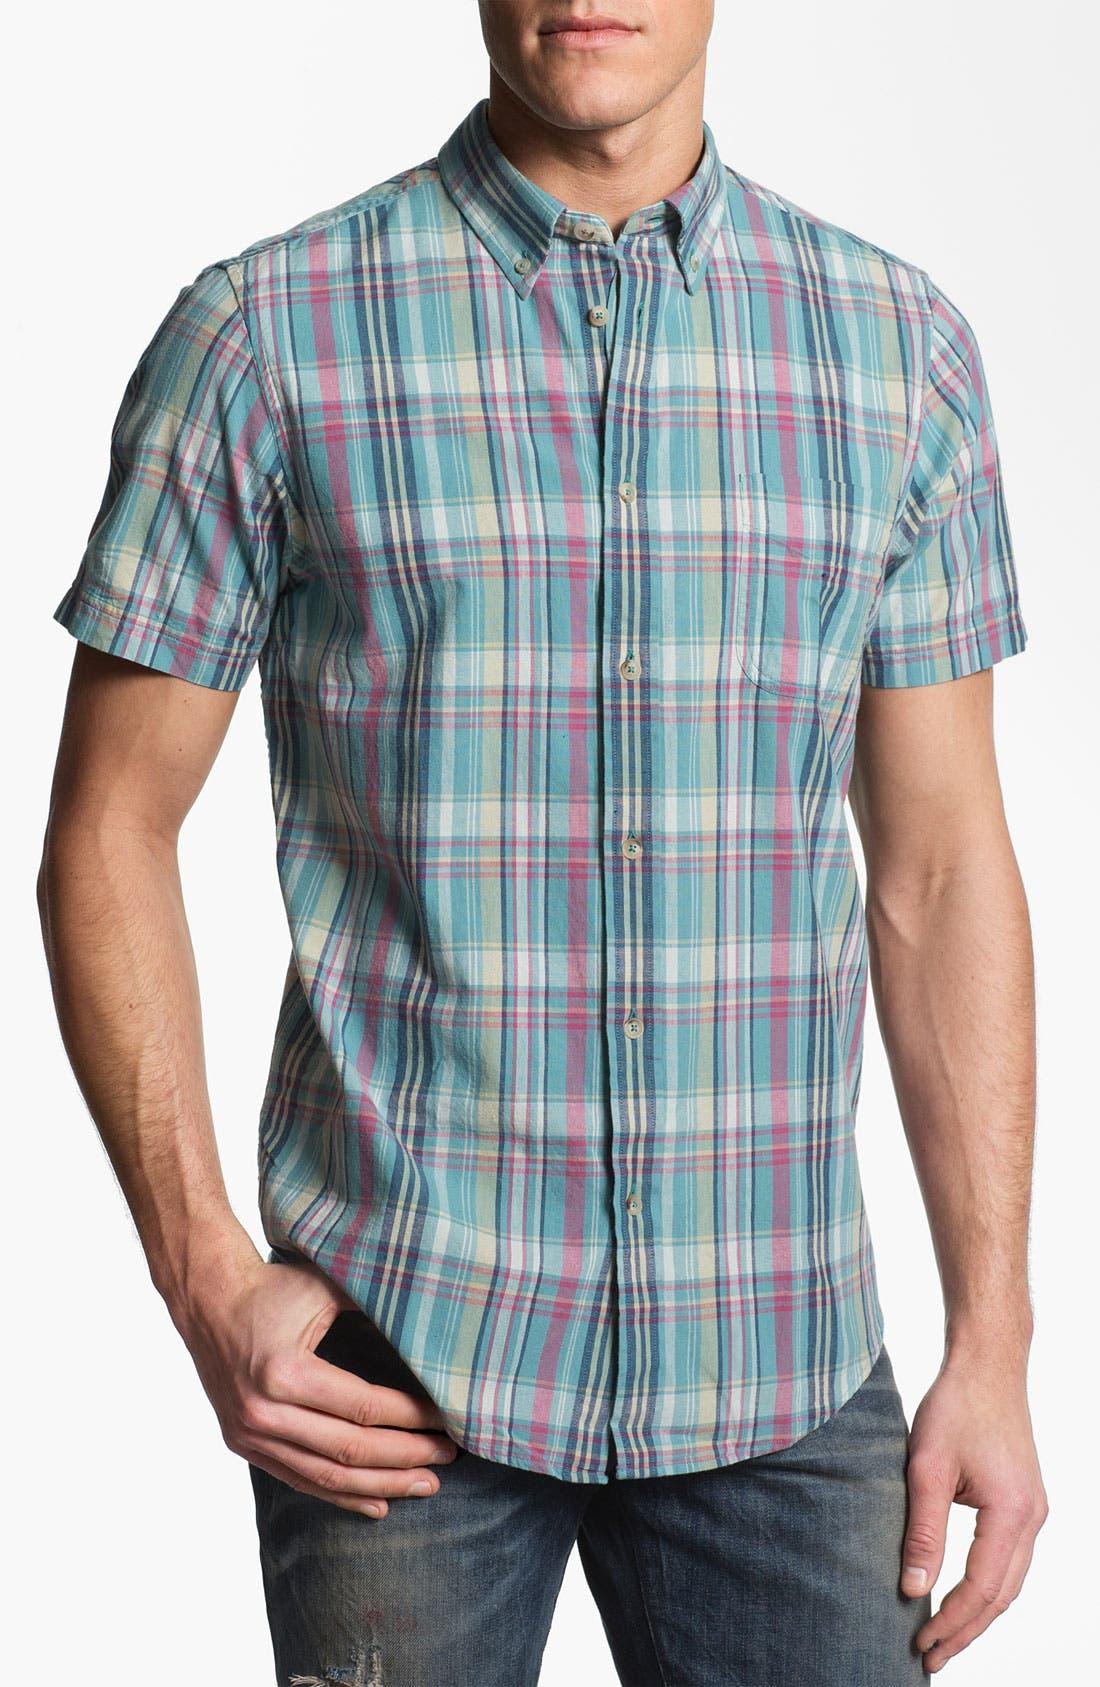 Main Image - Ben Sherman Washed Madras Check Woven Shirt